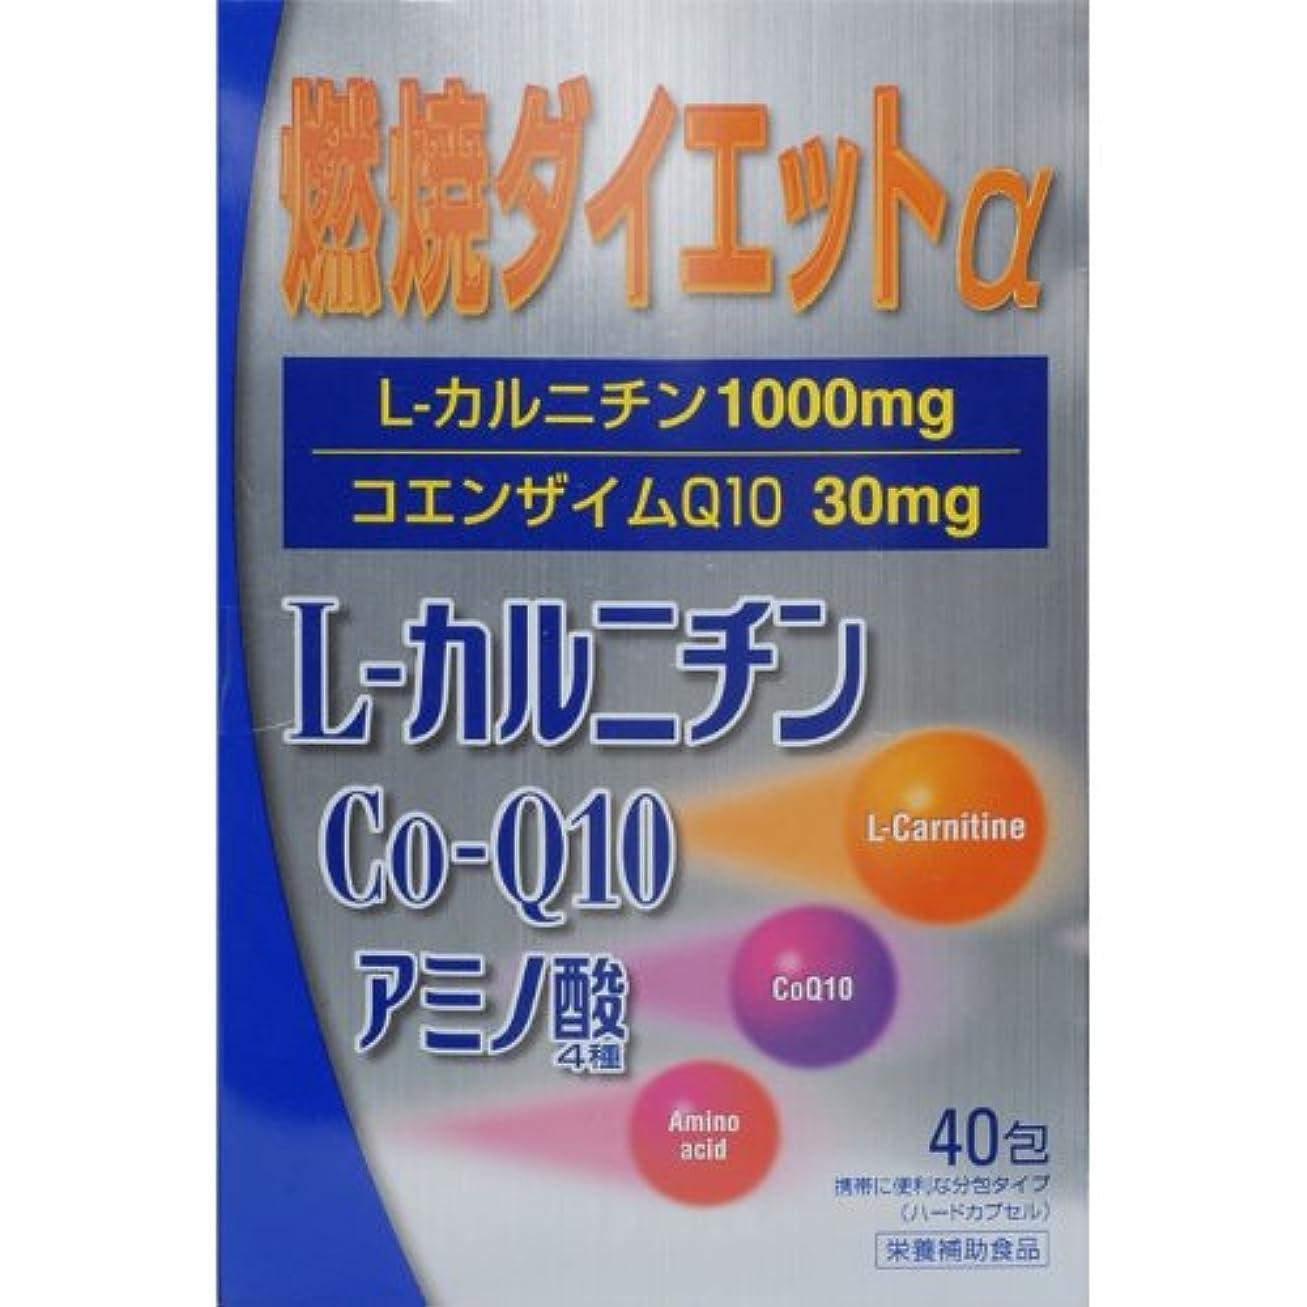 沈黙亜熱帯模倣燃焼ダイエットL‐カルニチンα 40包